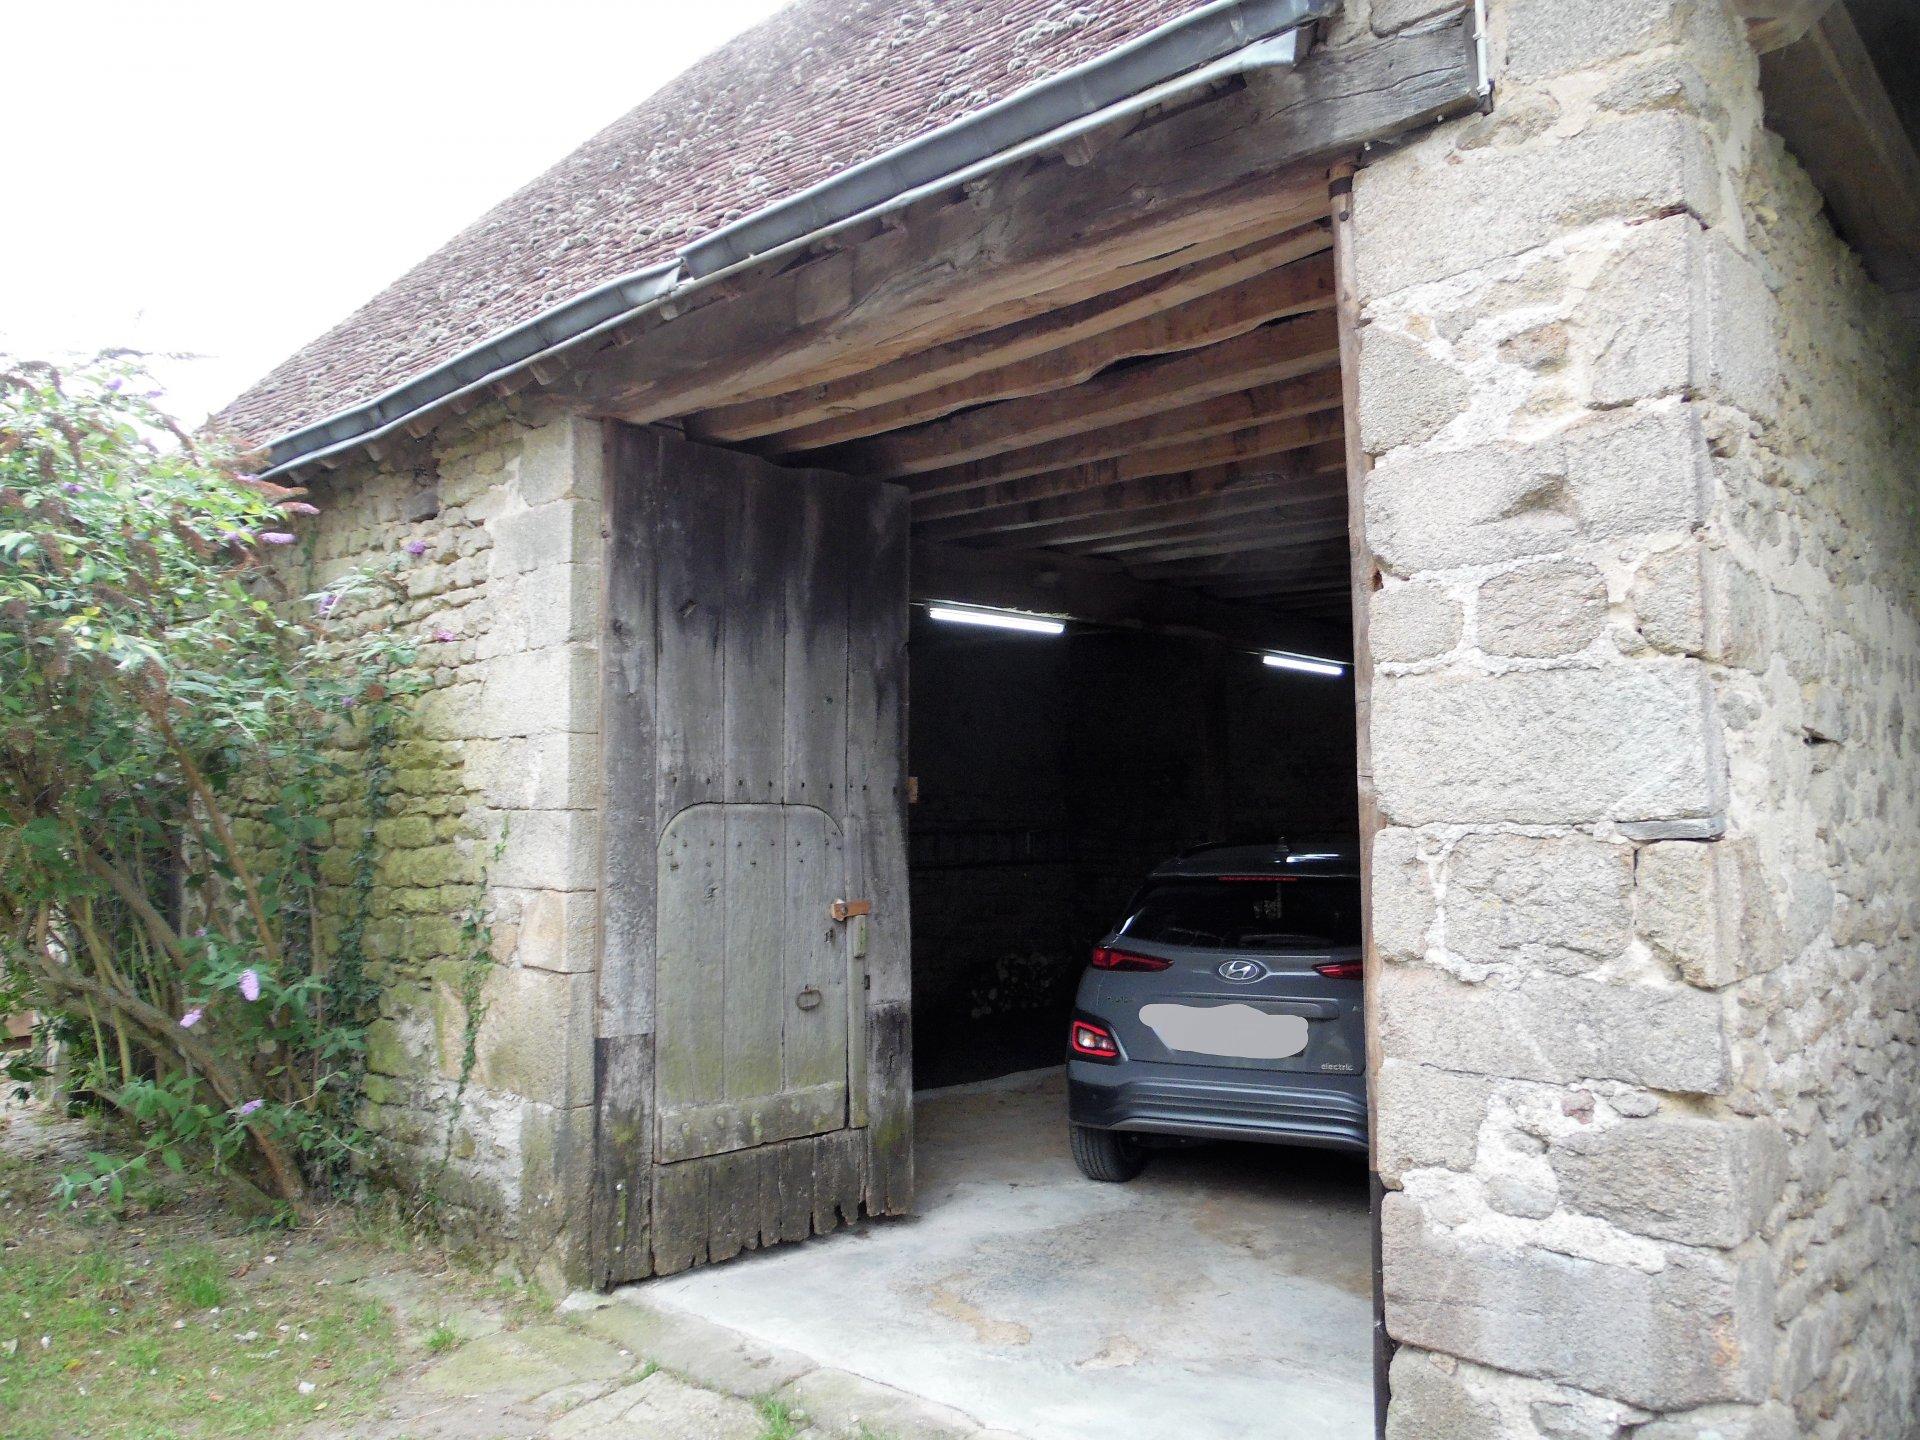 Zu verkaufen in der Creuse, Haus, Scheune und 4000m² Land.